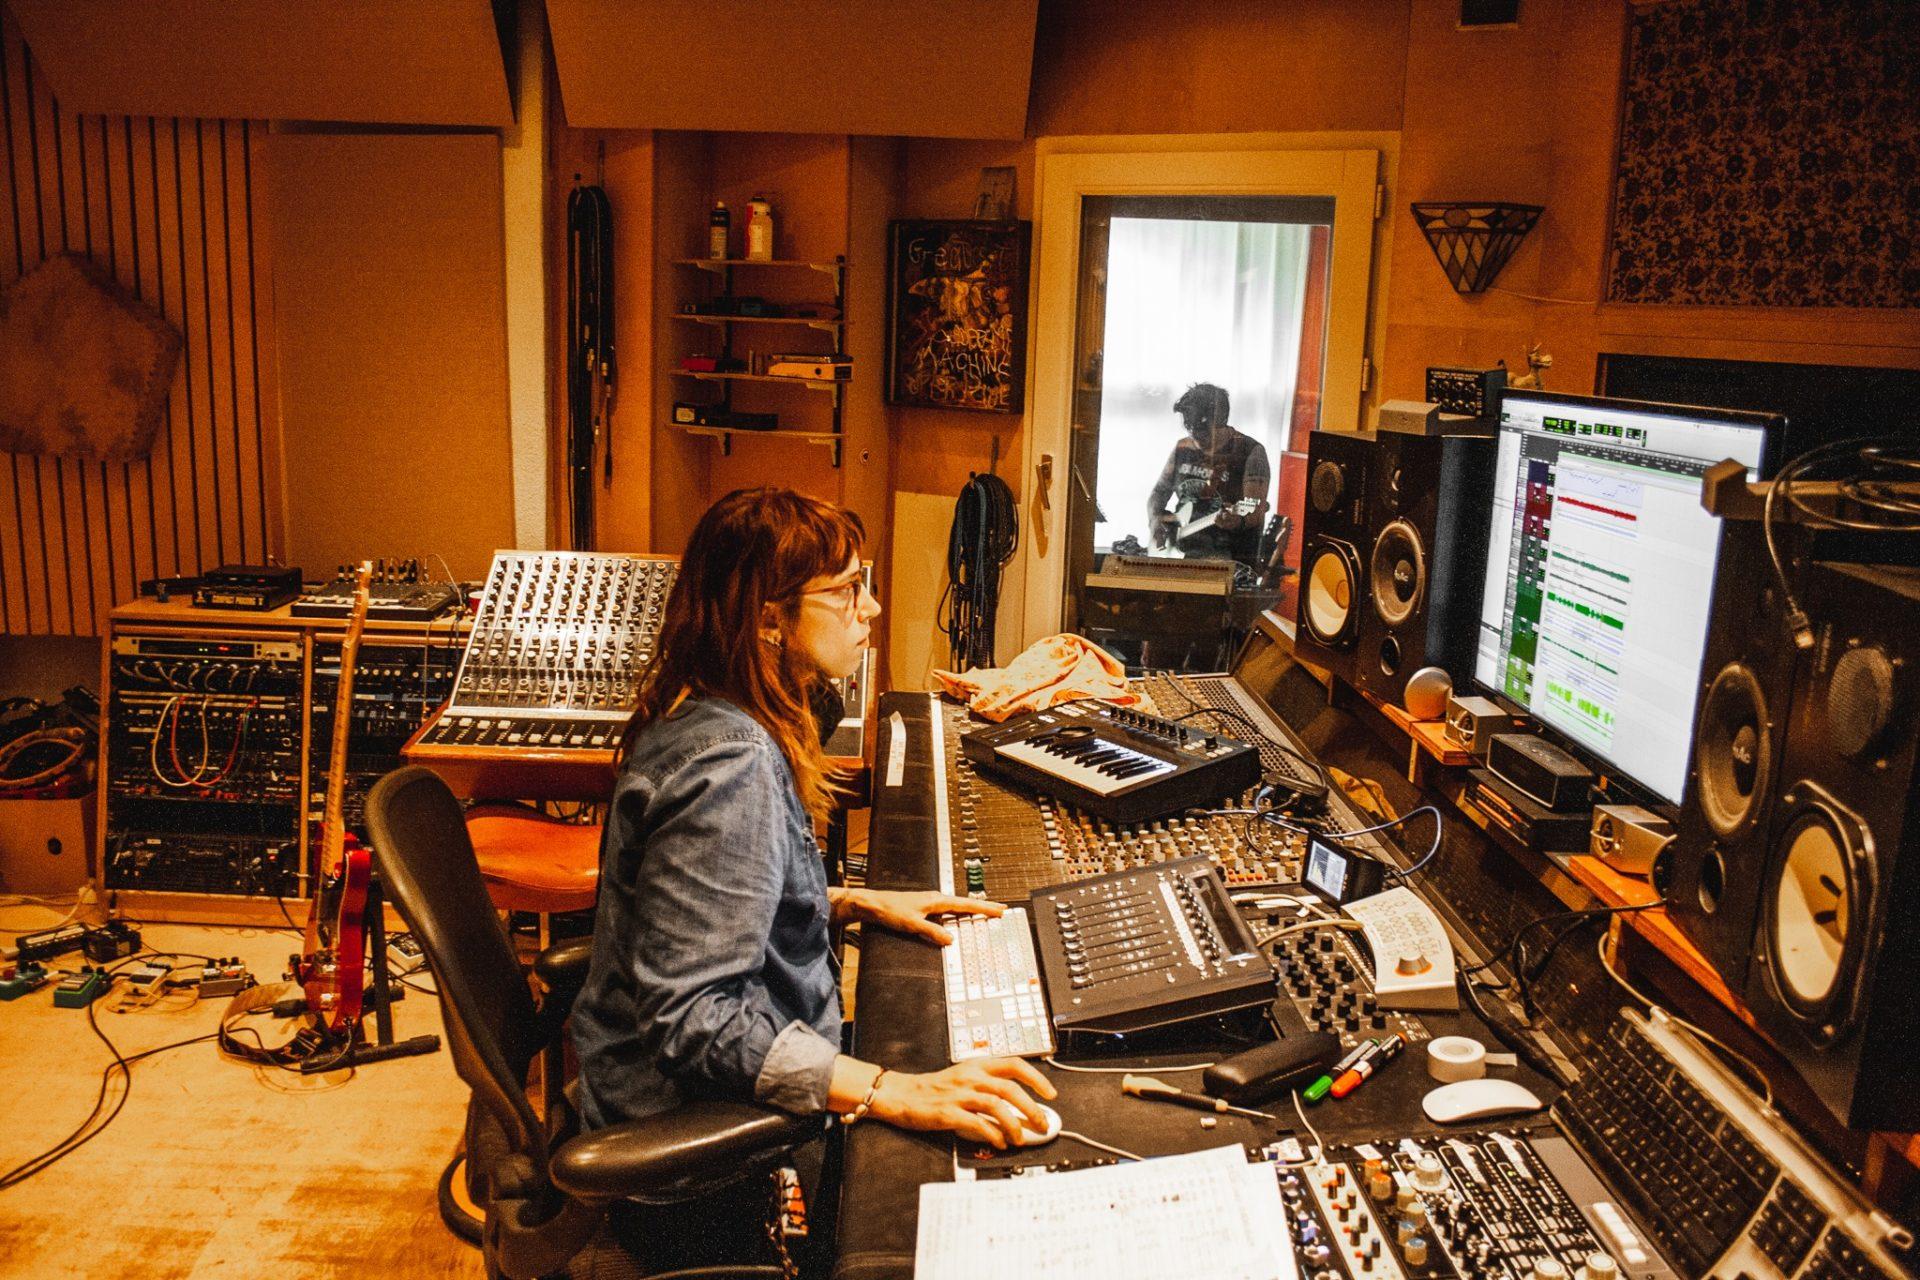 Frauen im Musikbusiness - Tontechnikerin & Musikproduzentin Karen Dhios 2